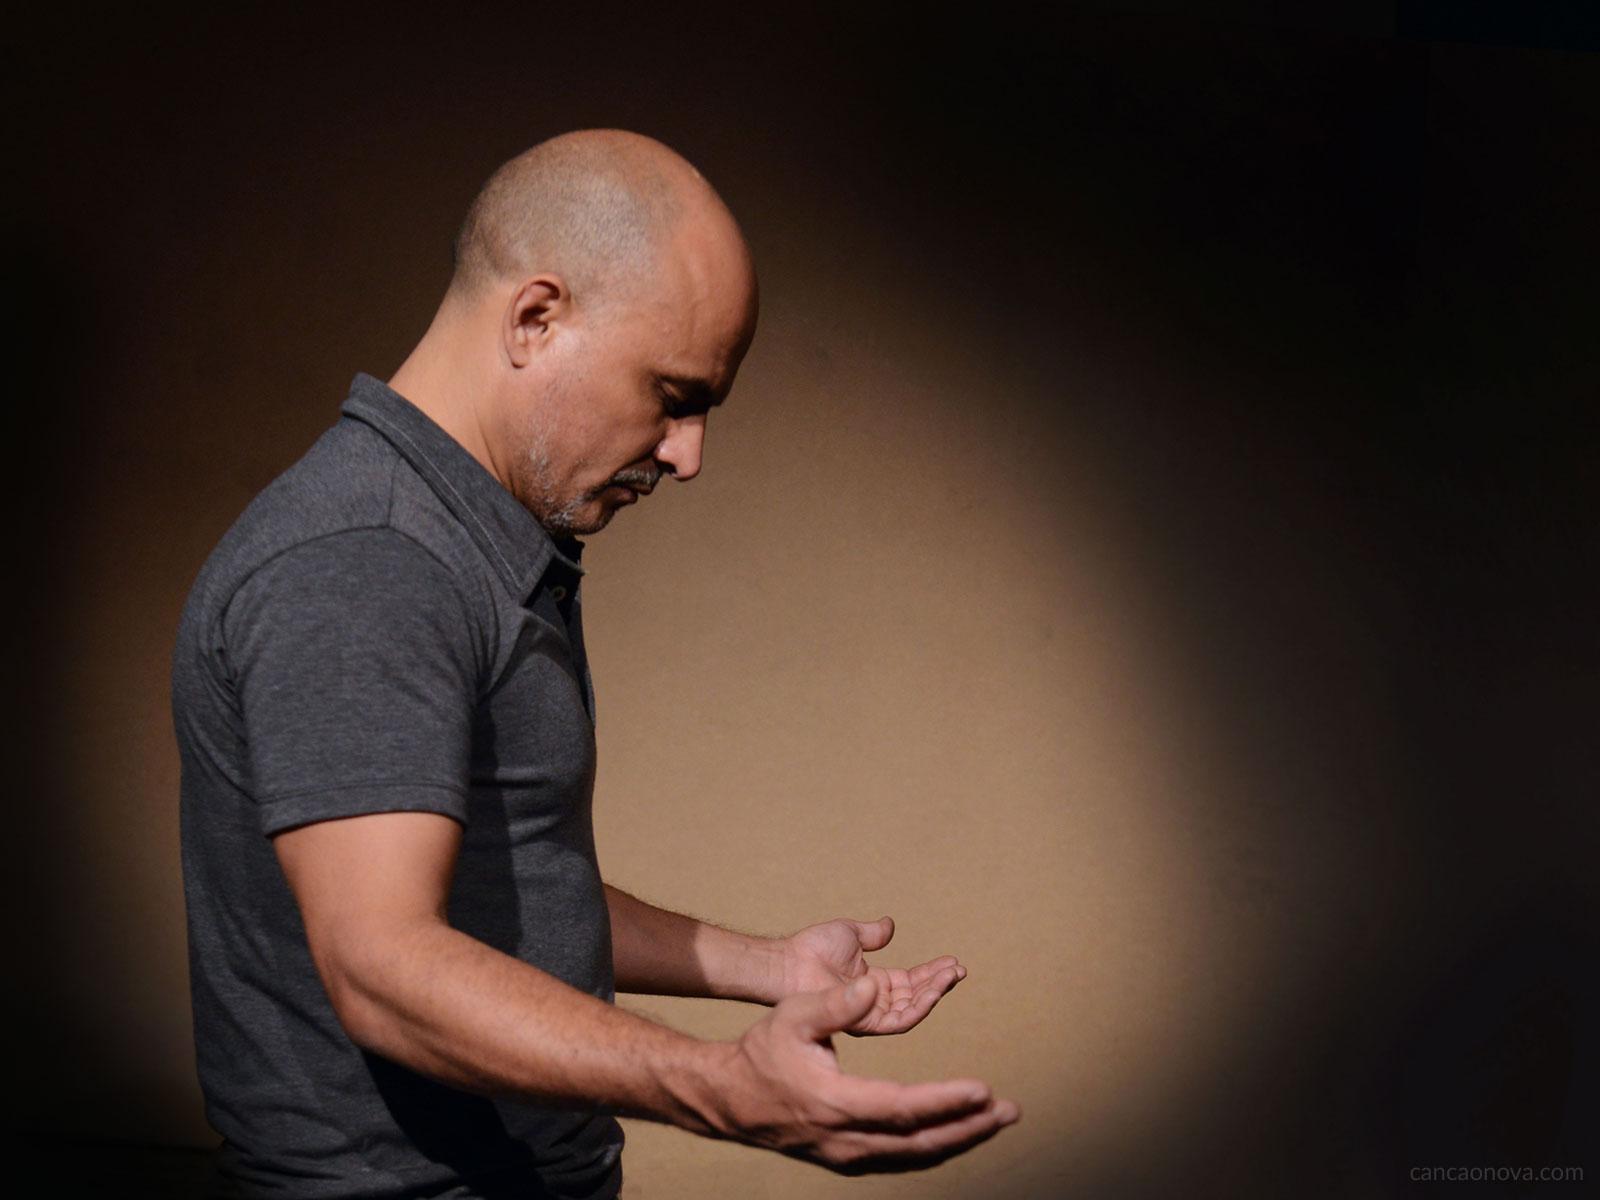 A humildade não é sinônimo de fraqueza, mas sim uma virtude